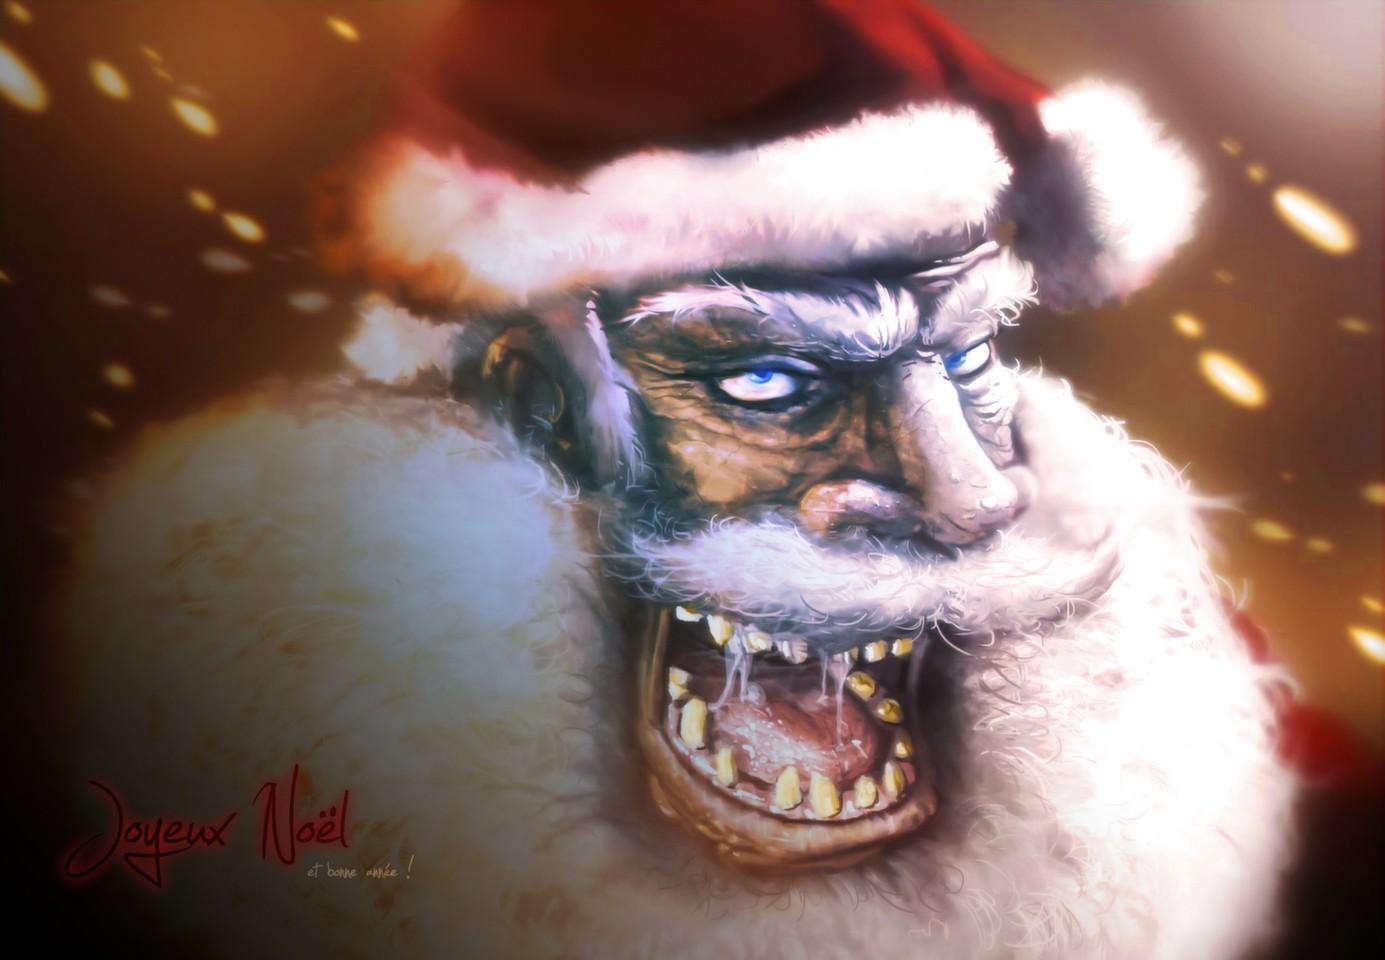 Joyeux Noël à toute la communauté Kowok :)